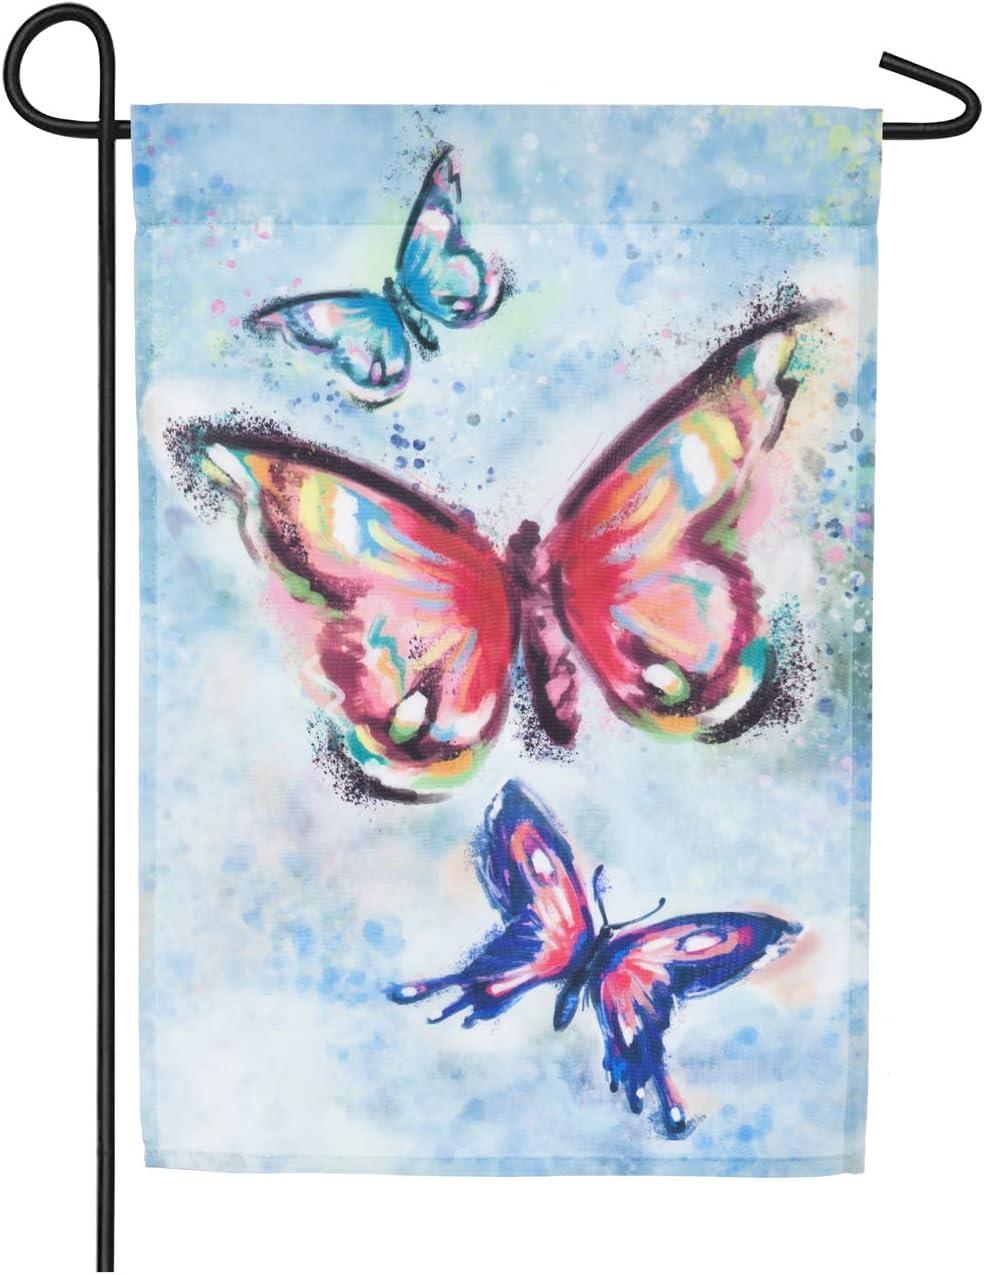 Amazon Com Evergreen Flag Watercolor Butterfly Kaleidoscope Organza Garden Flag 12 5 X 18 Inches Outdoor Decor For Homes And Gardens Garden Outdoor